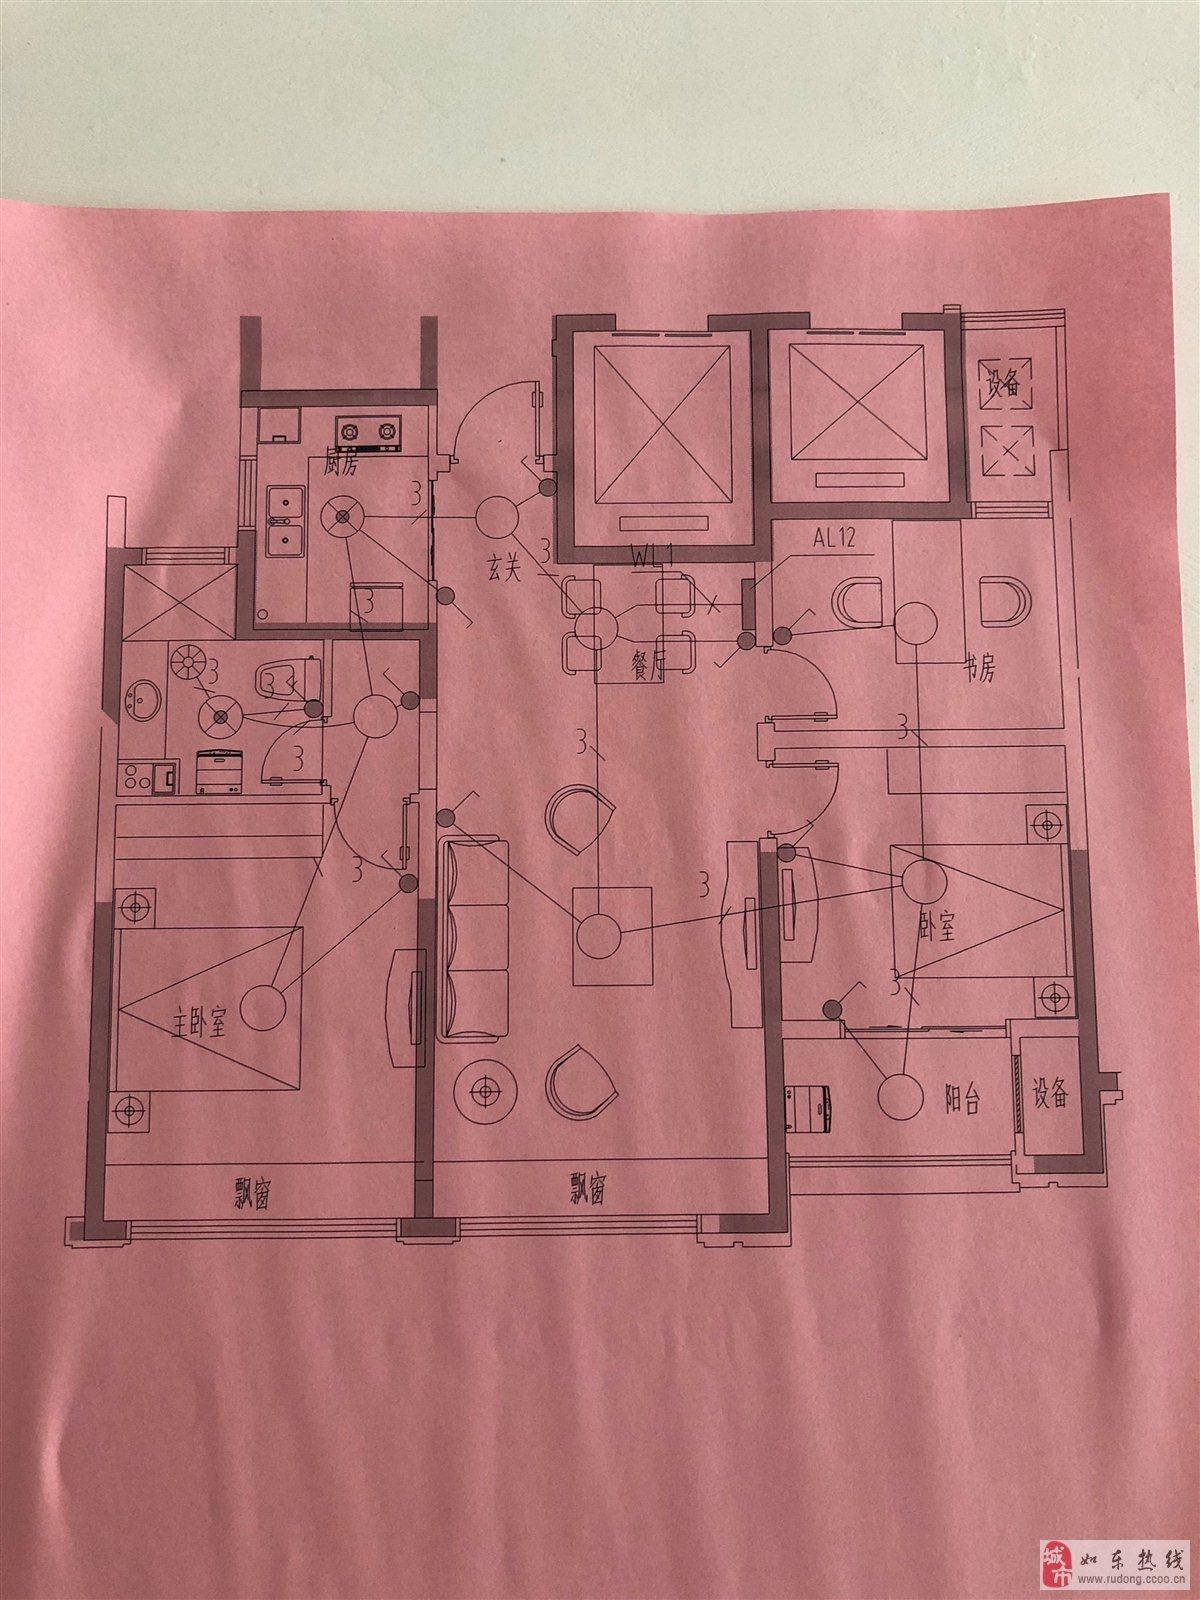 尚诚中介:锦绣瑞府3室2厅108平米99万含开户费用